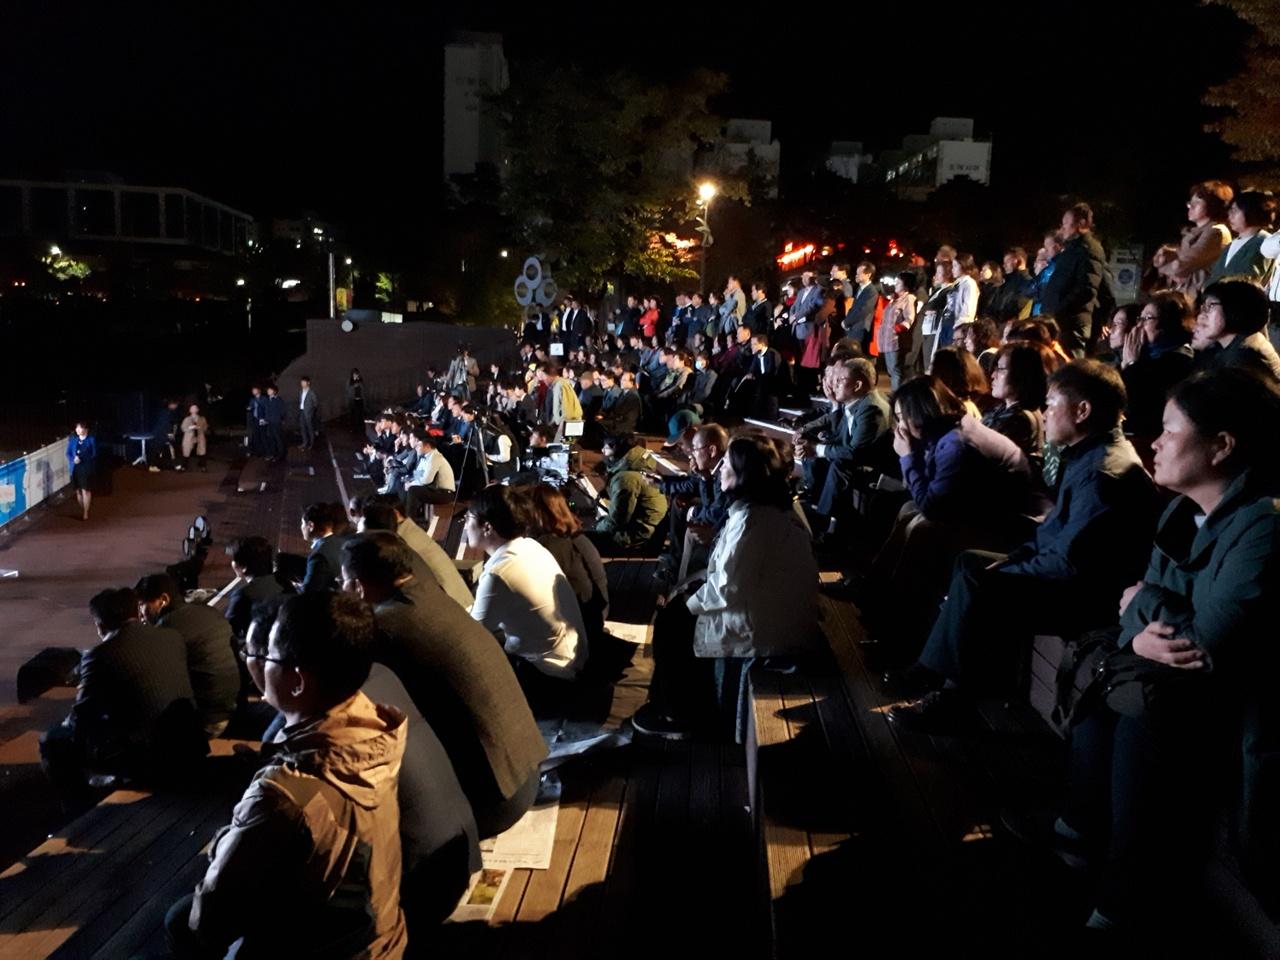 시장의 정책 발표를 듣는 시민들 조례호수공원 수변무대에서 열린 광장토론에서 시민들이 허석시장의 정책 발표에 대해 듣고 있다.